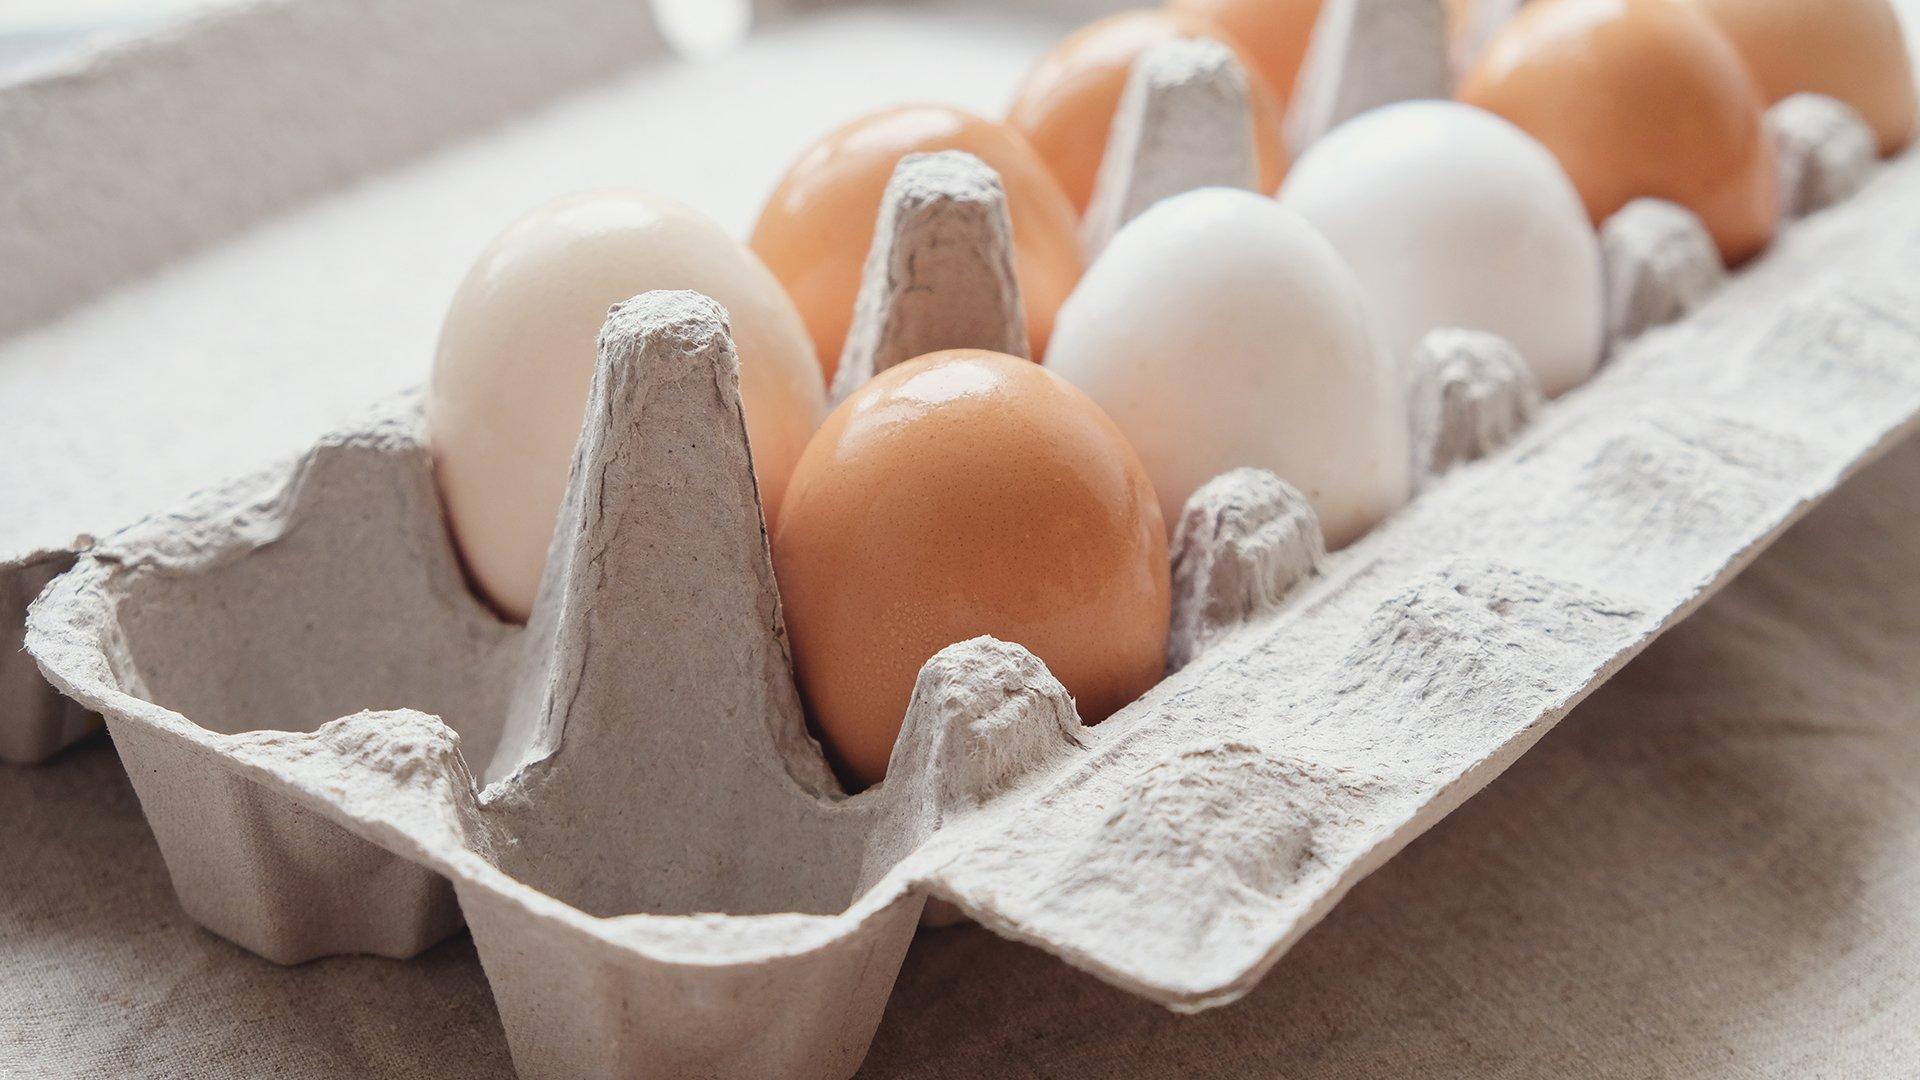 چگونه و از کجا بفهمیم سن تخم مرغ چقدر است؟